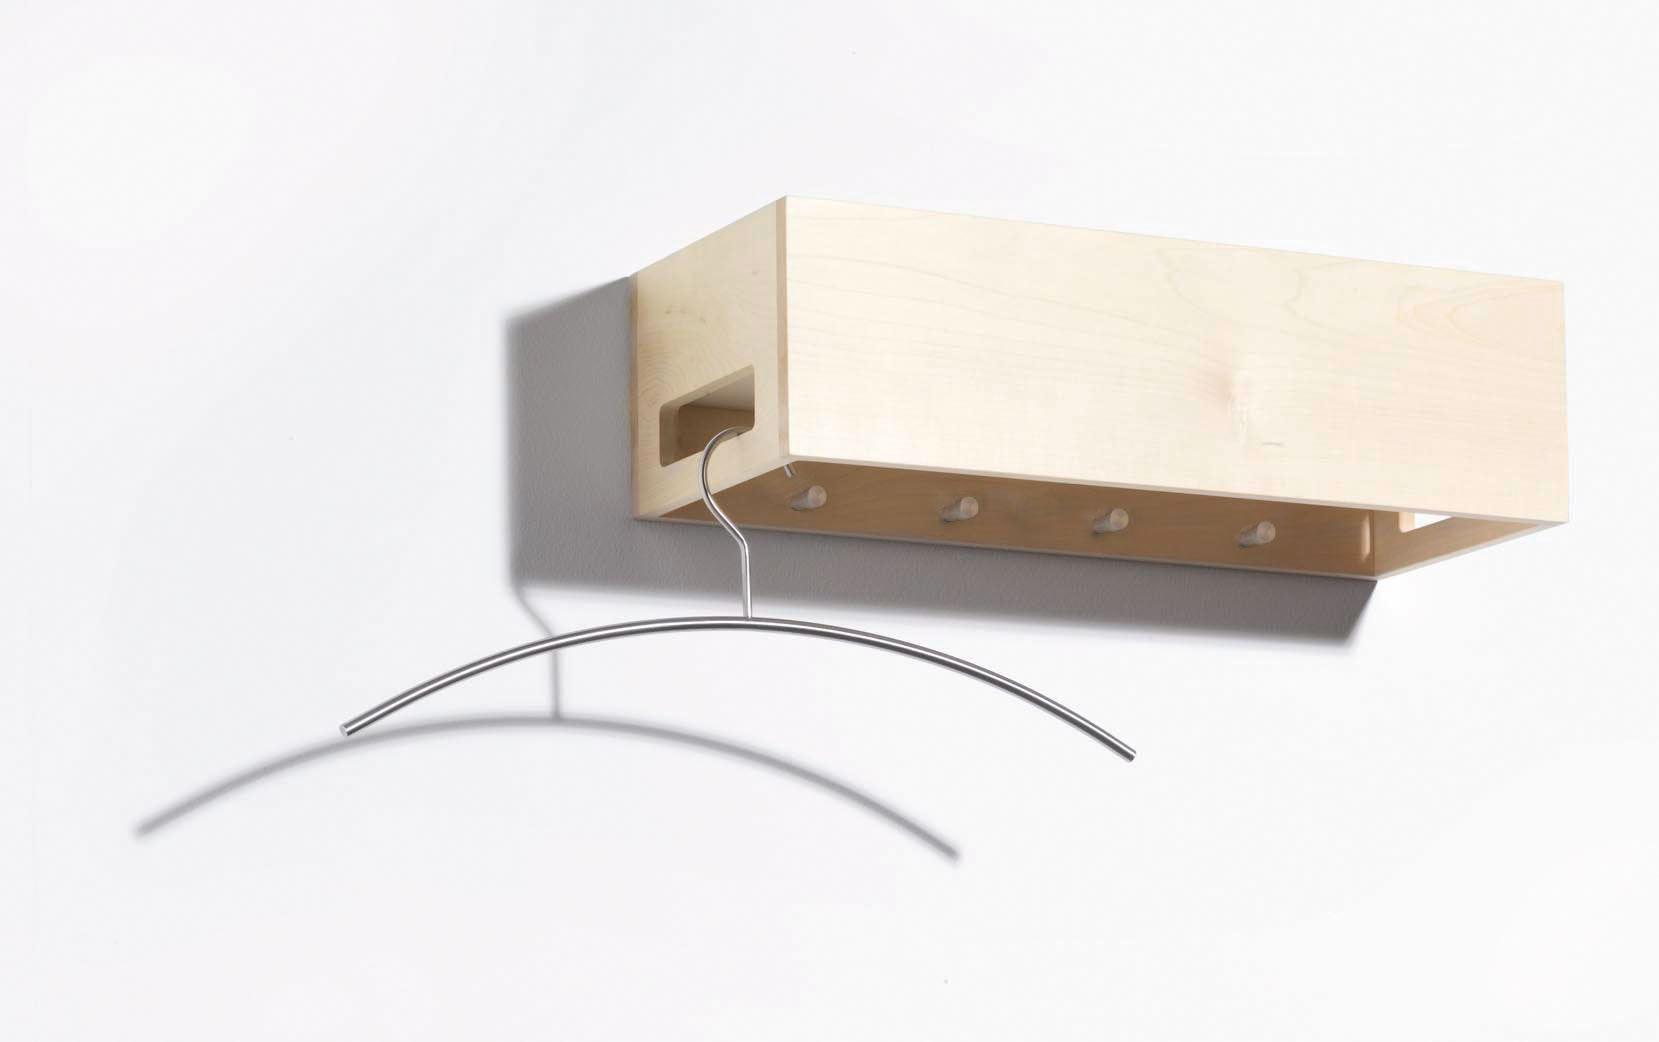 wandgarderobe aus holz garderobe diele wohnen. Black Bedroom Furniture Sets. Home Design Ideas